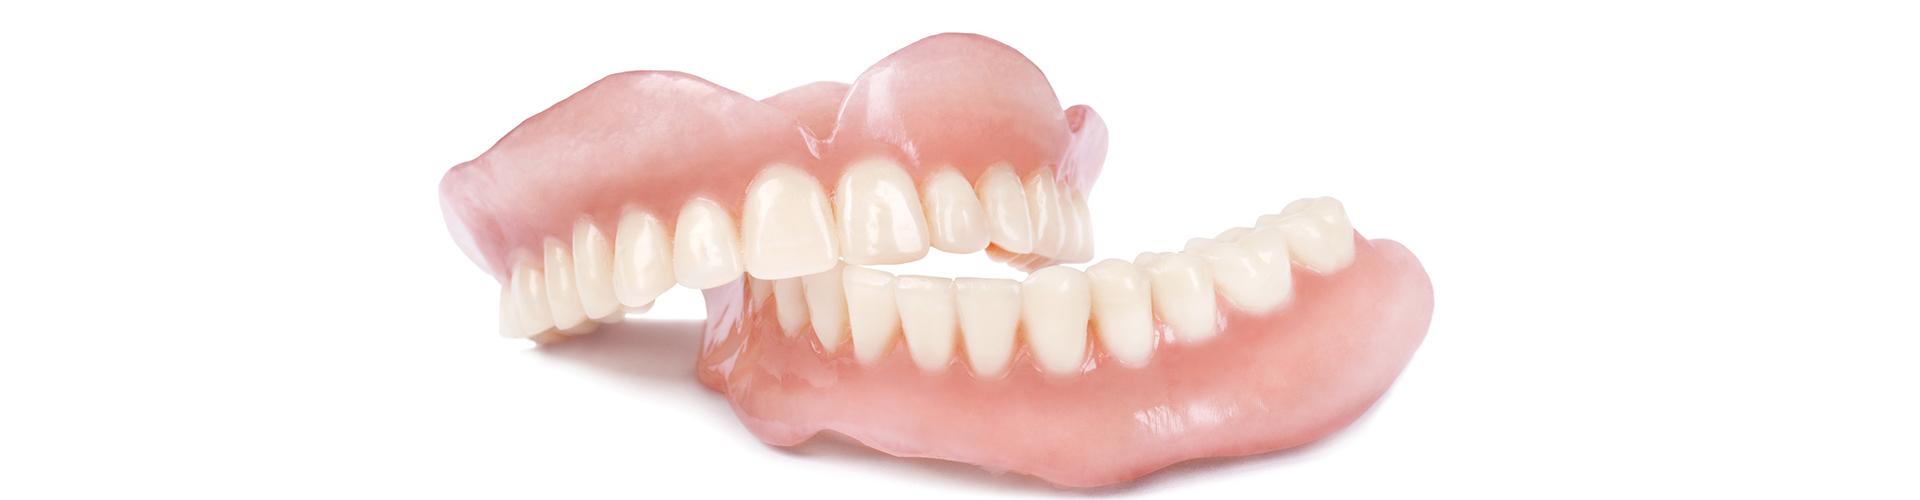 Protesi Dentali Studio Dentistico Associato Dott. R. Zanetti - Dott. G. Costantini  a Campodarsego Padova